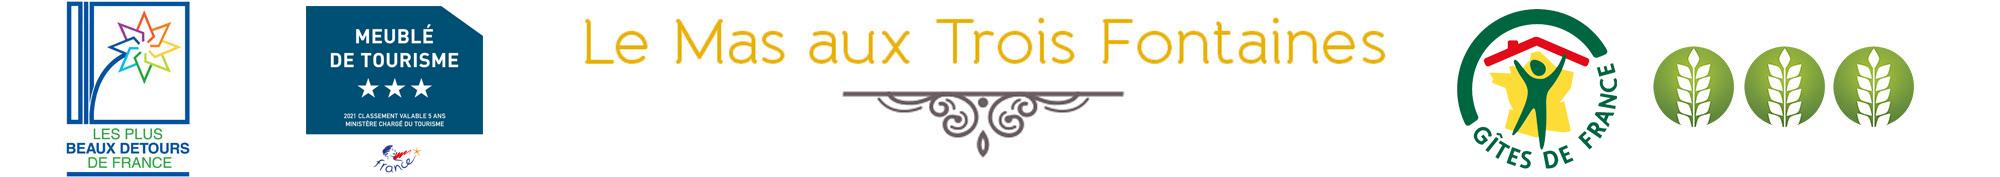 Le Mas aux Trois Fontaines gîtes chic, charme et confort à Nyons